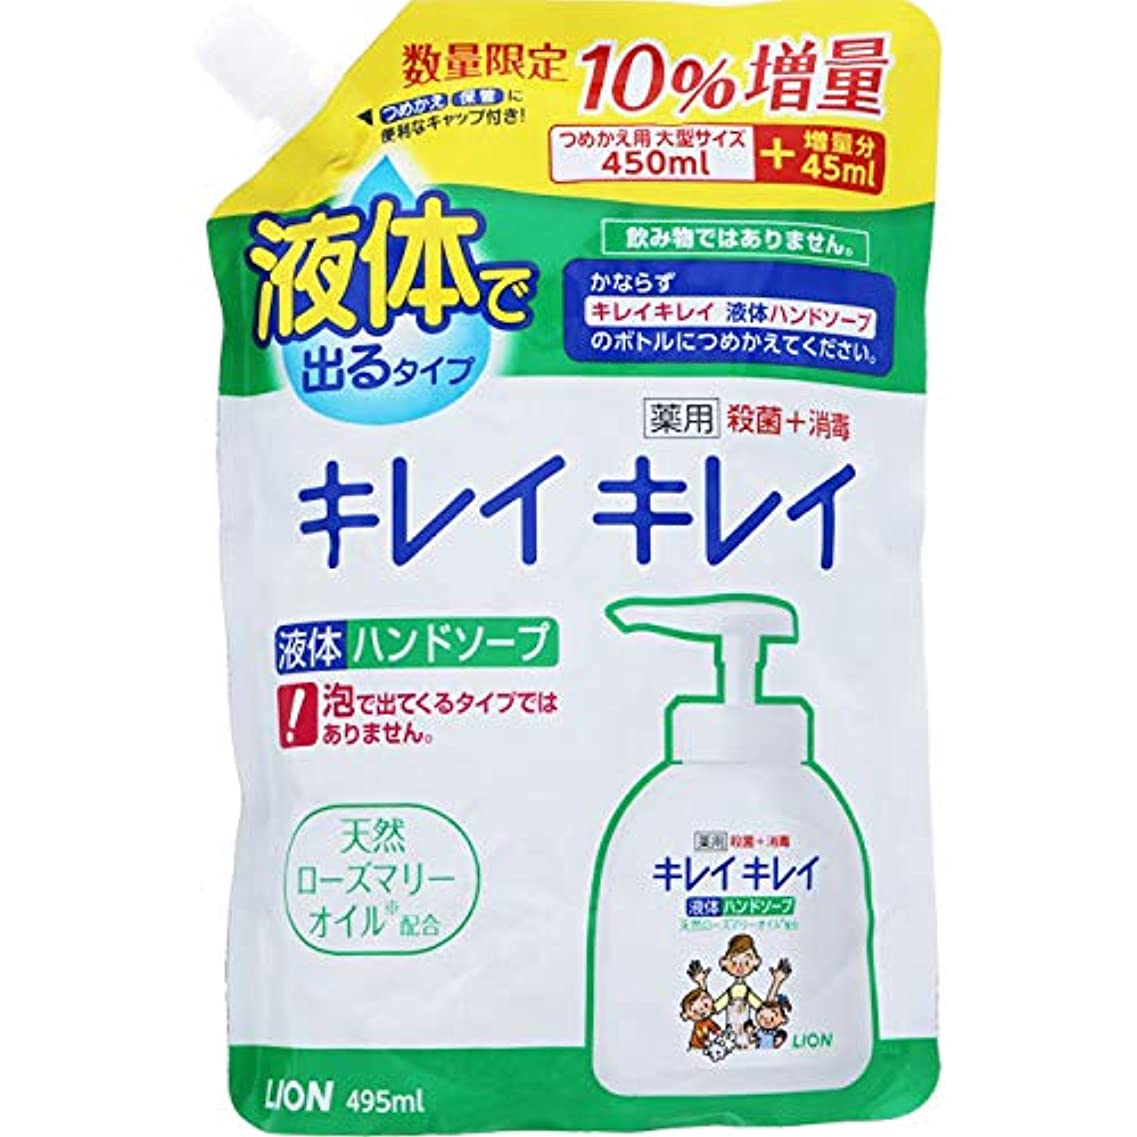 商標必須オリエンタルライオン キレイキレイ 薬用ハンドソープ 詰替用大型増量 450+45ml